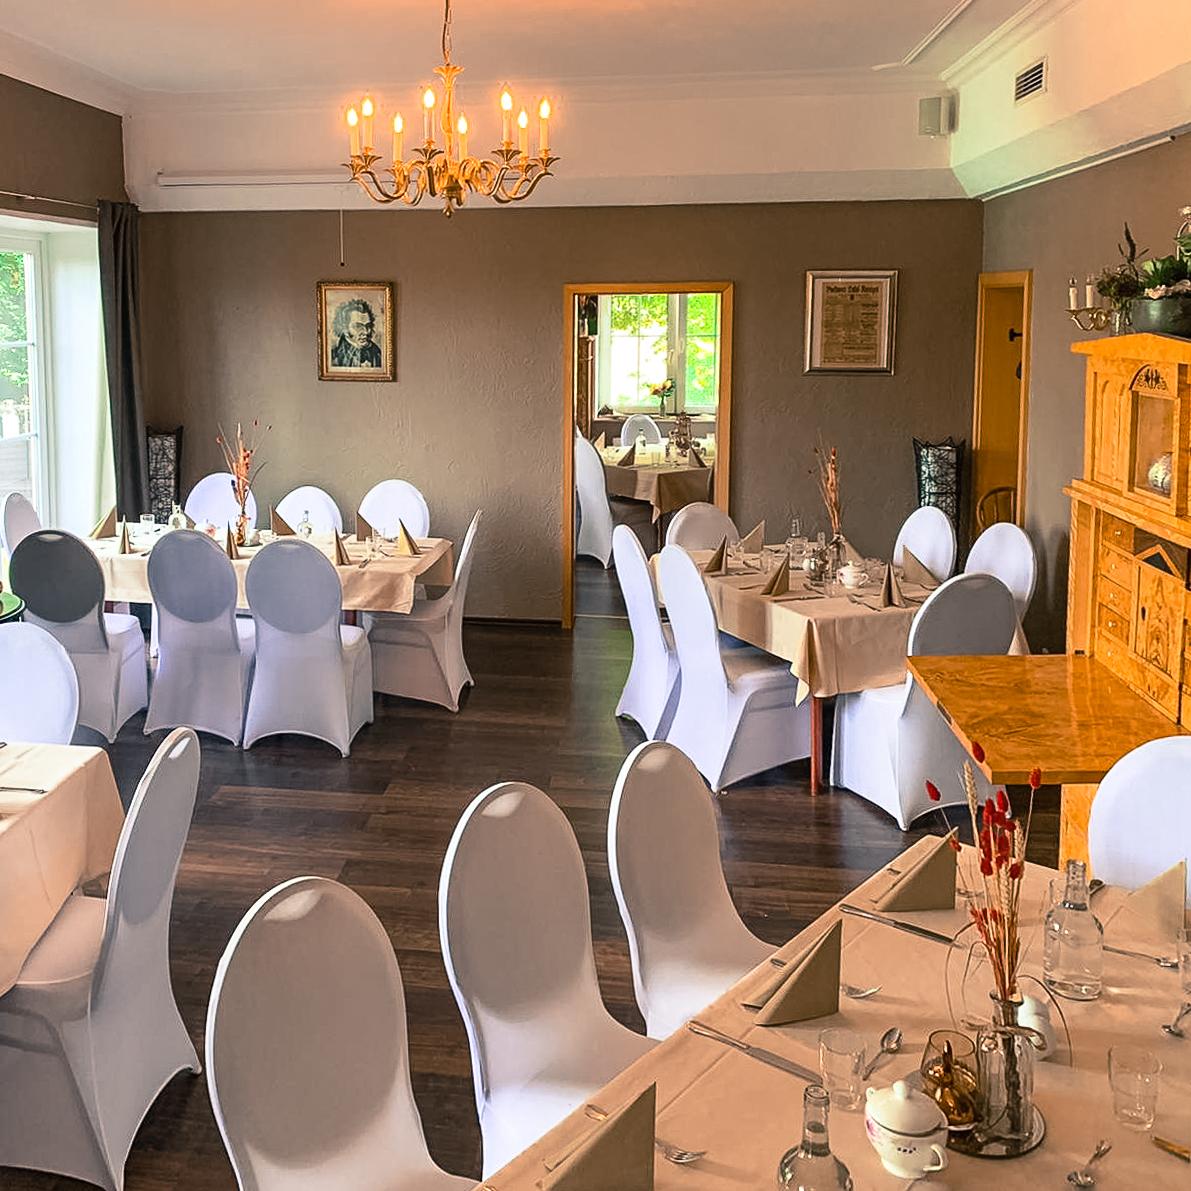 gastro raeume inspiration strandhotel vier jahreszeiten ort buckow restaurant d